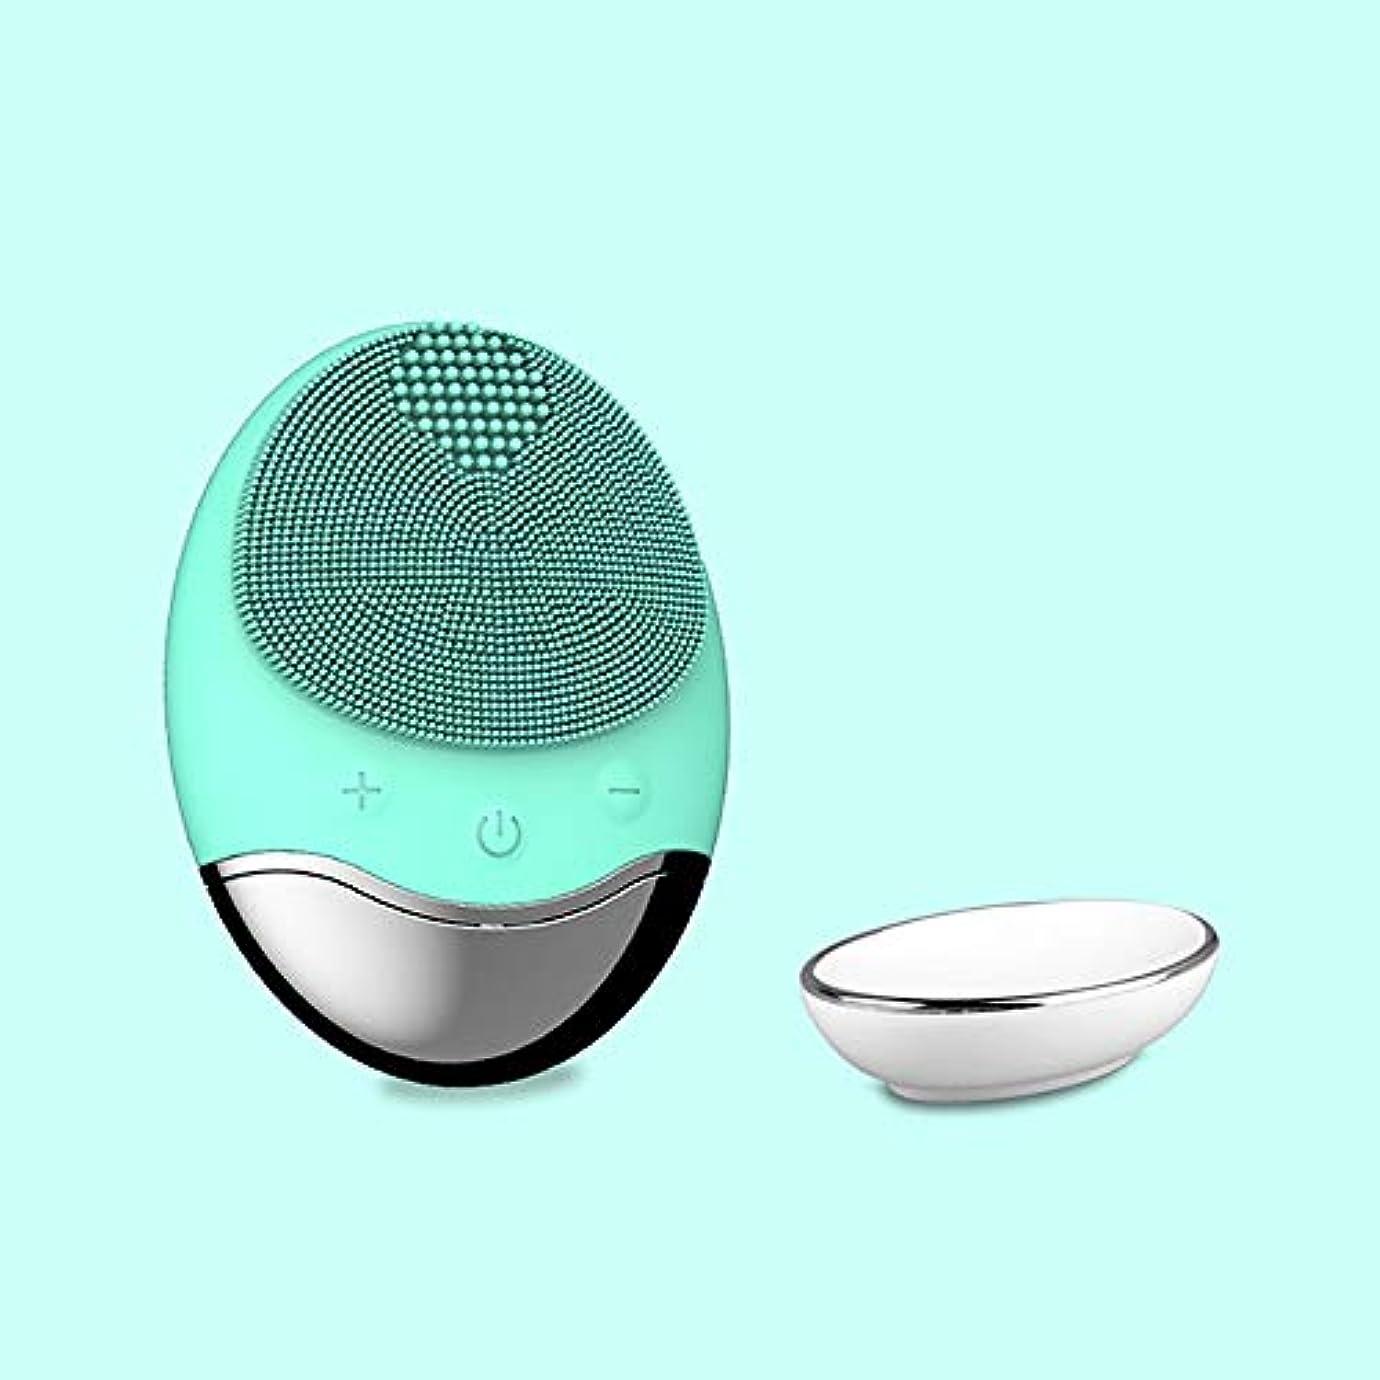 ウッズ発動機シミュレートするZXF 新しいアップグレードワイヤレス充電電気家庭用竹炭シリコーン防水超音波洗浄毛穴洗浄器具洗浄器具輸入器具 滑らかである (色 : Green)